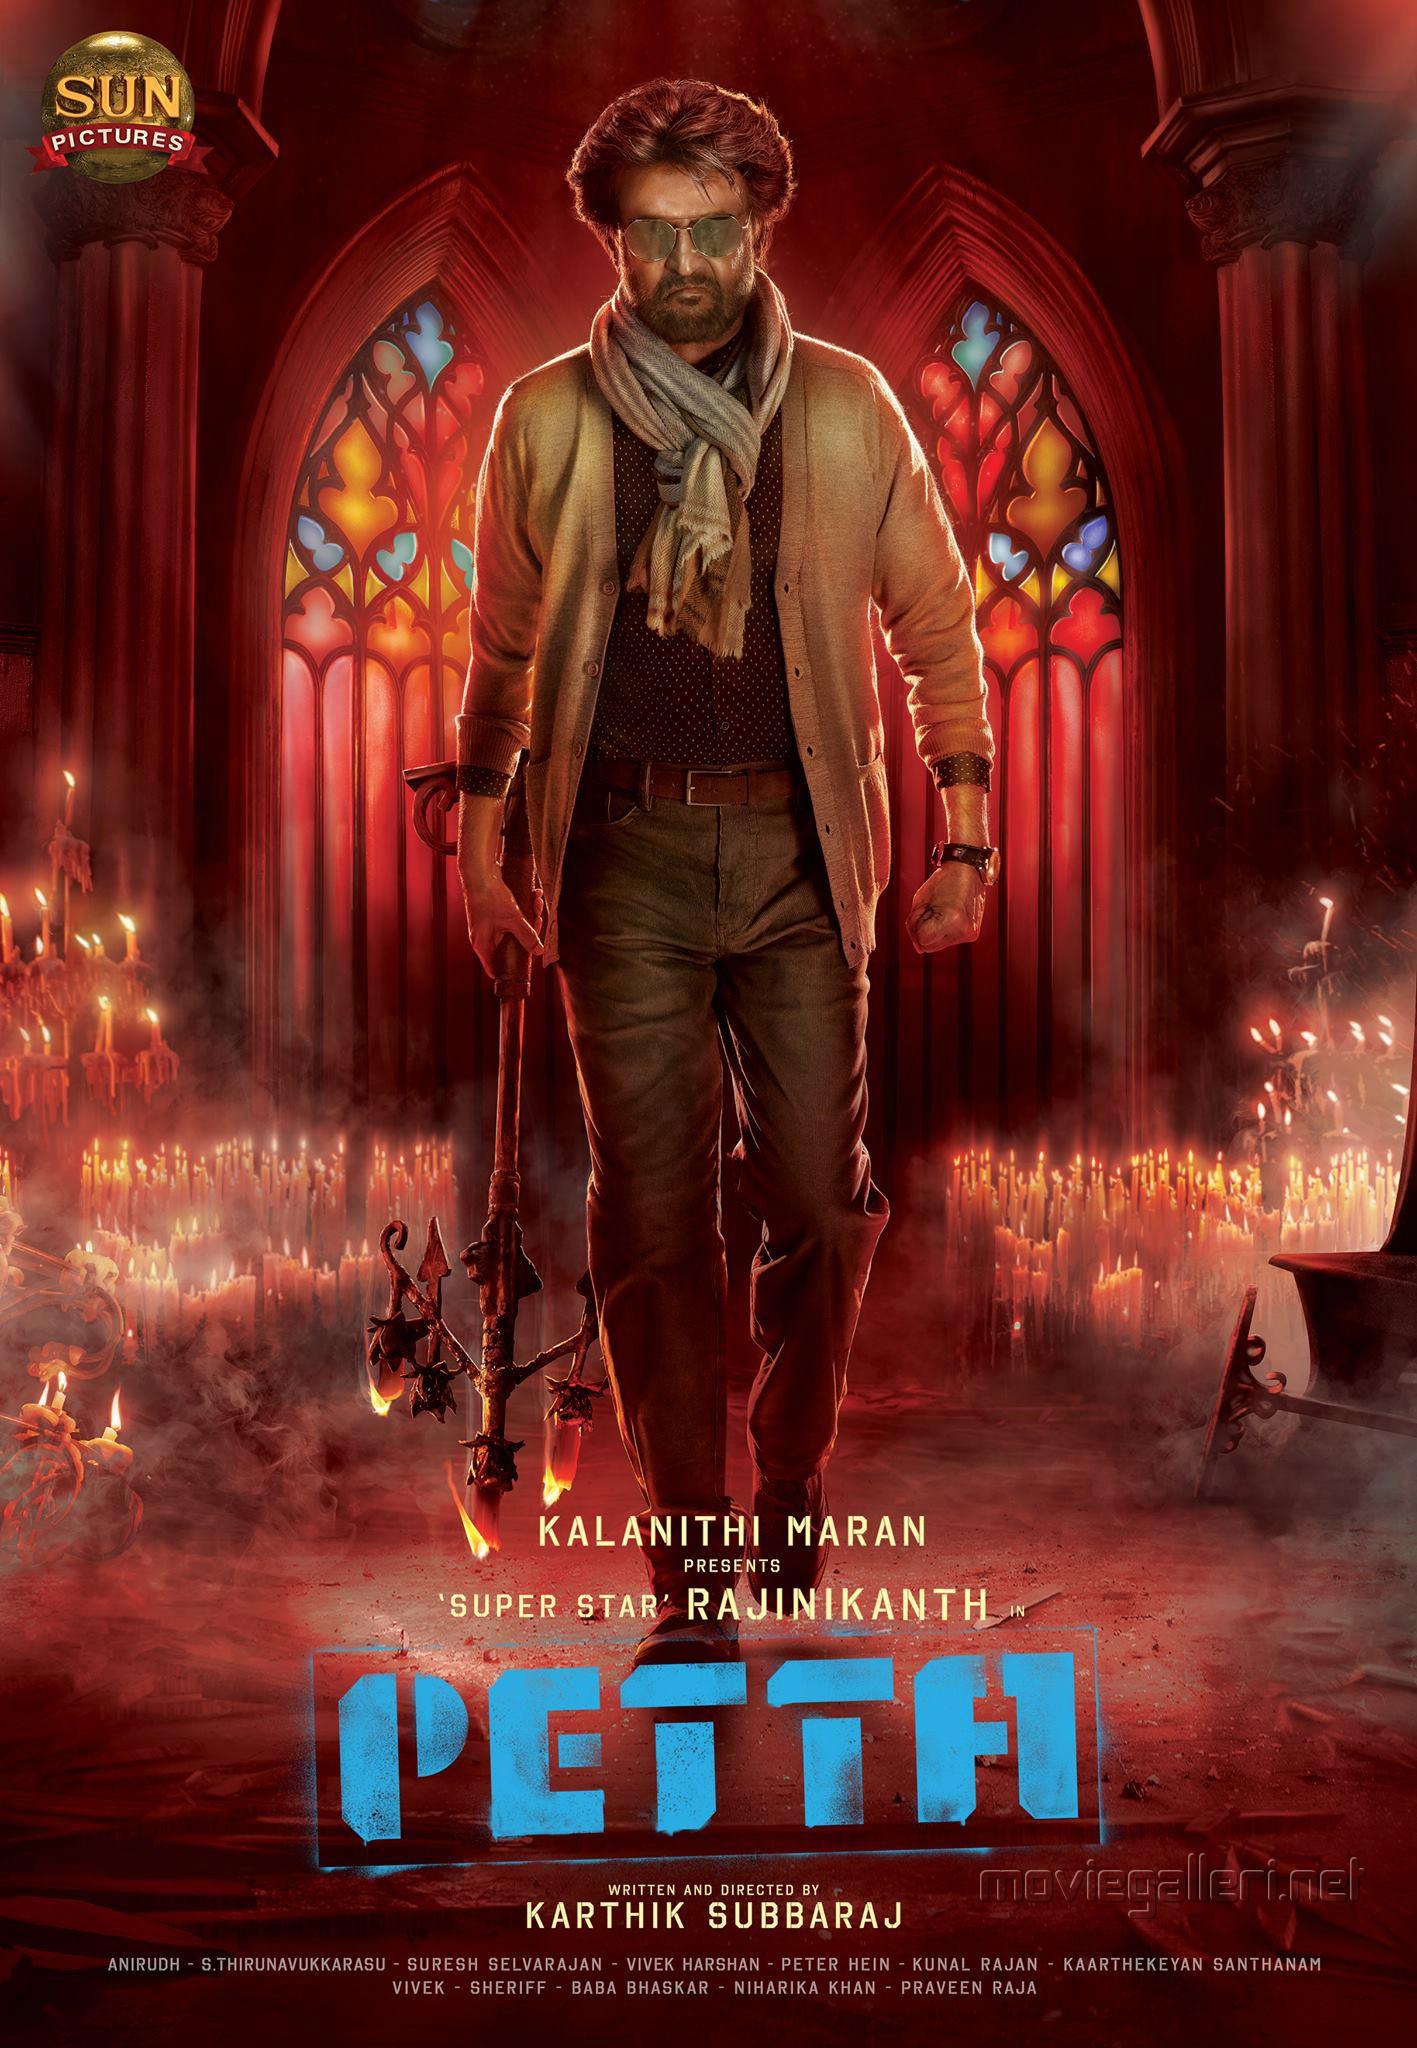 Rajinikanth Petta Movie First Look Poster HD